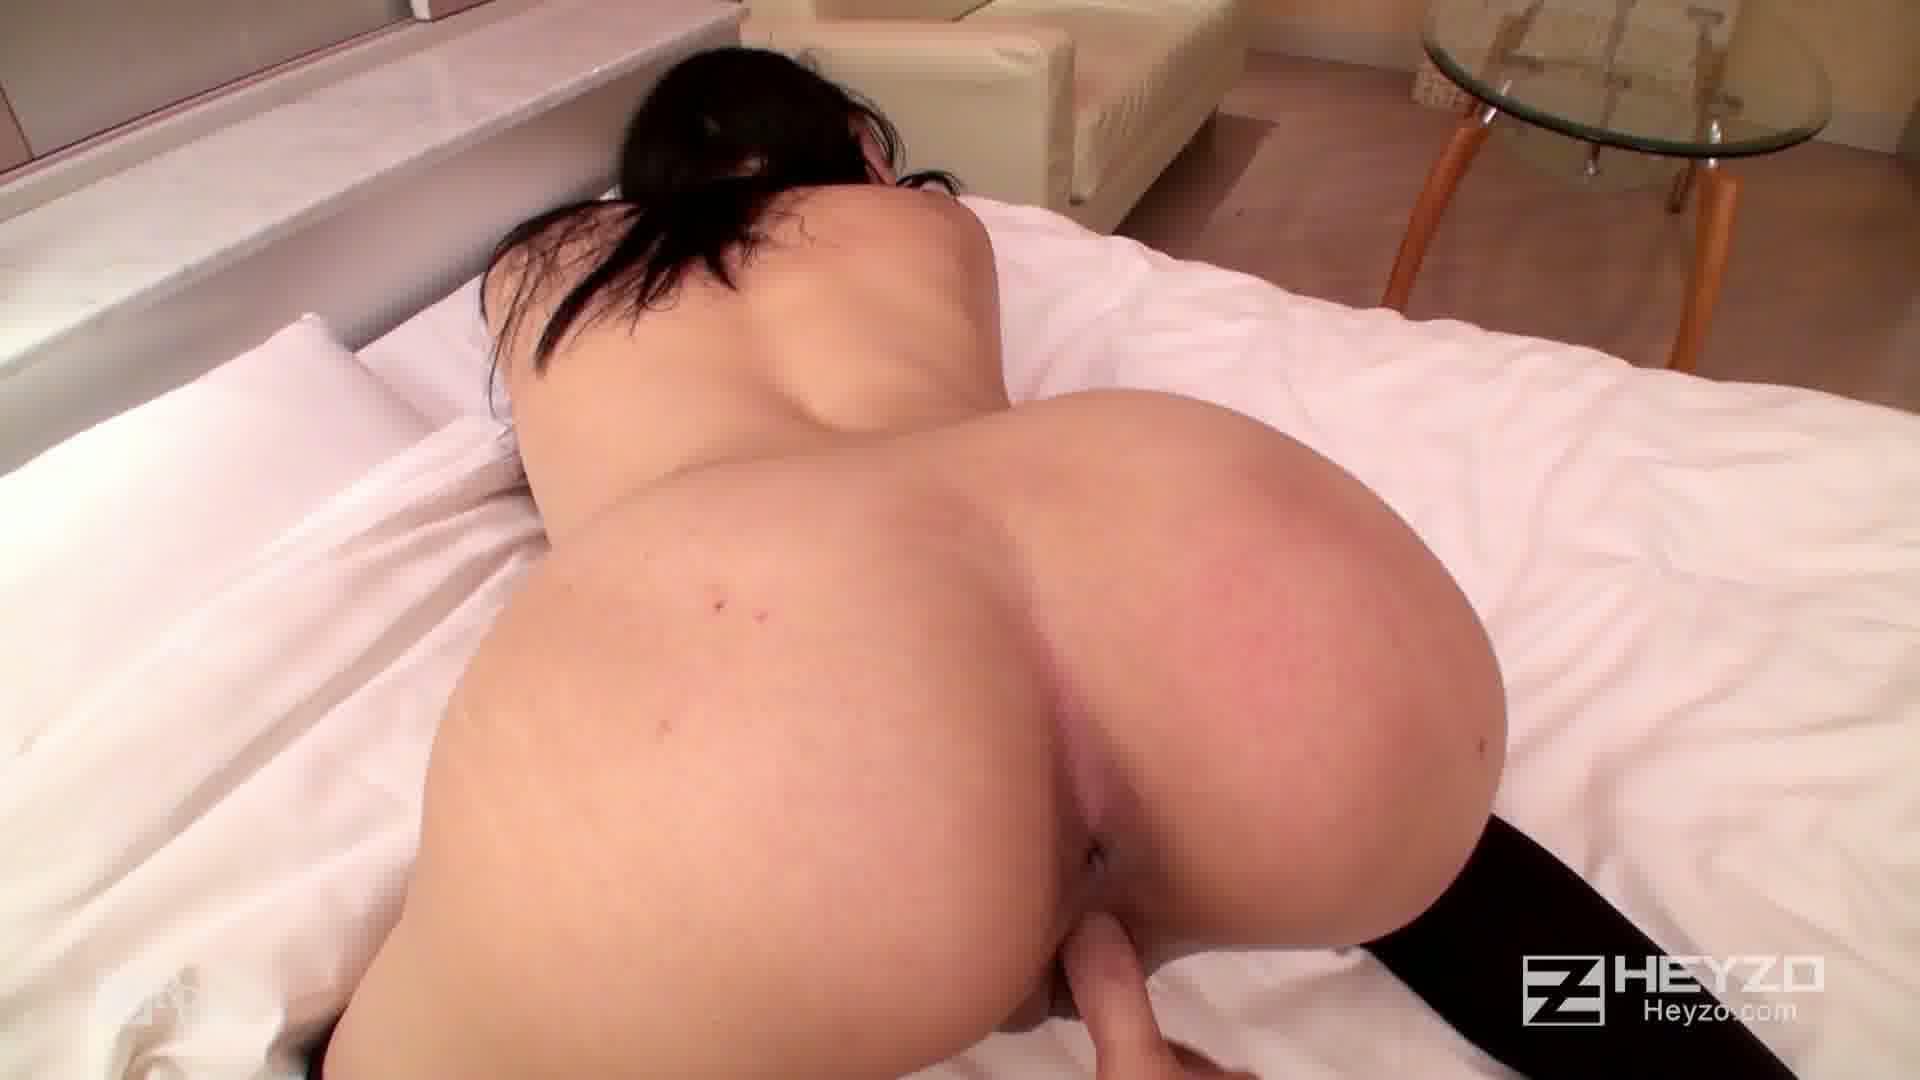 ワケあり素人~私のプライベートビデオ撮影して下さい~ - 綾瀬ゆい【フェラ 手コキ+乳首舐め 騎乗位 バック 正常位 中出し】